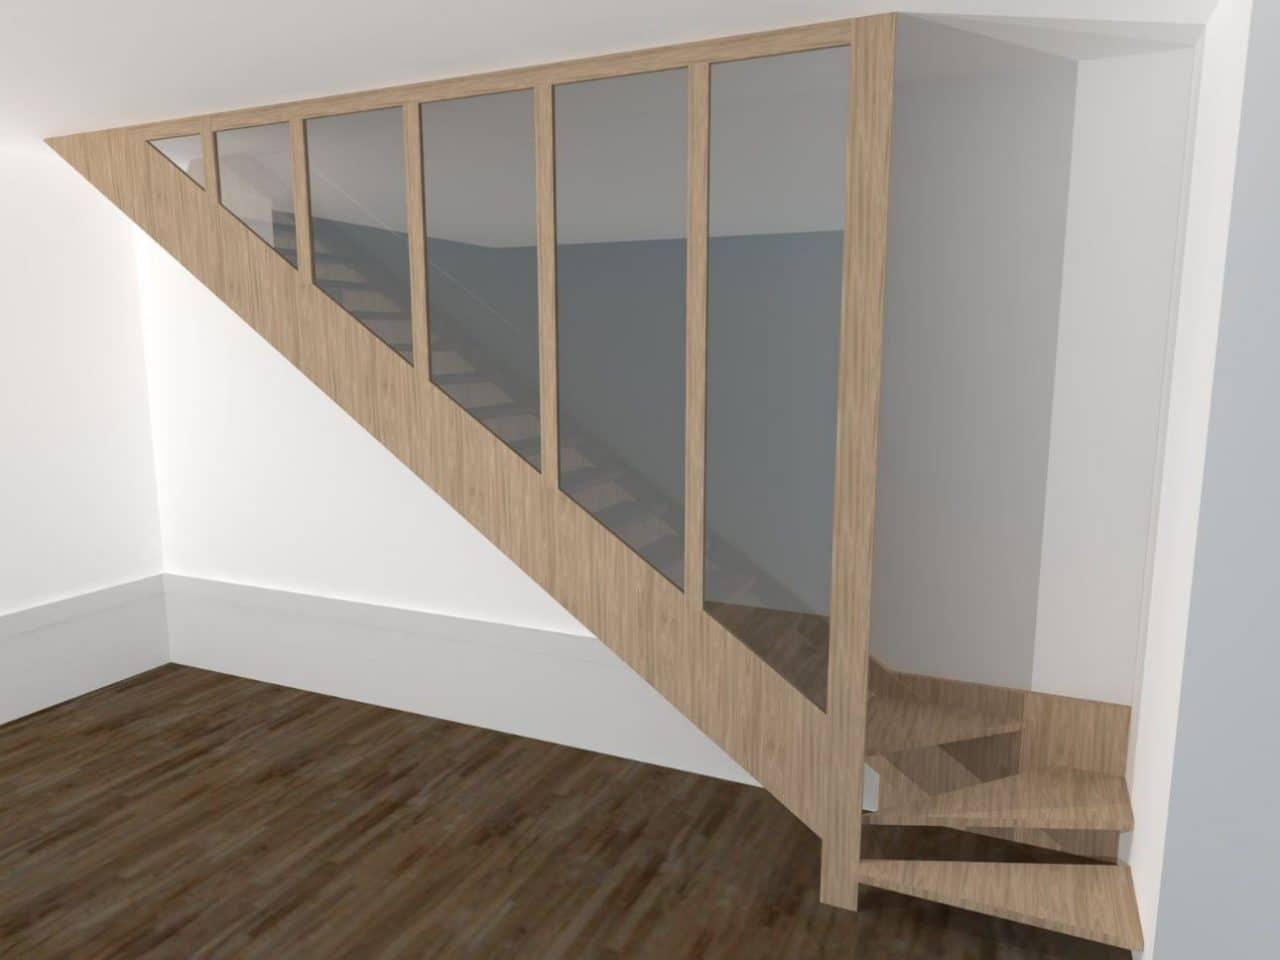 rénovation d'une maison à Fontaines-sur-Saône : escalier 3D